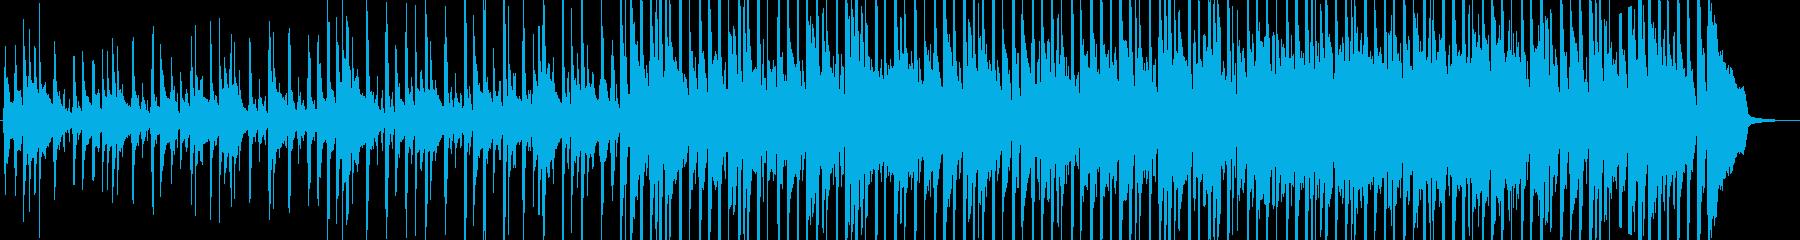 明るい 元気づける フォーク の再生済みの波形